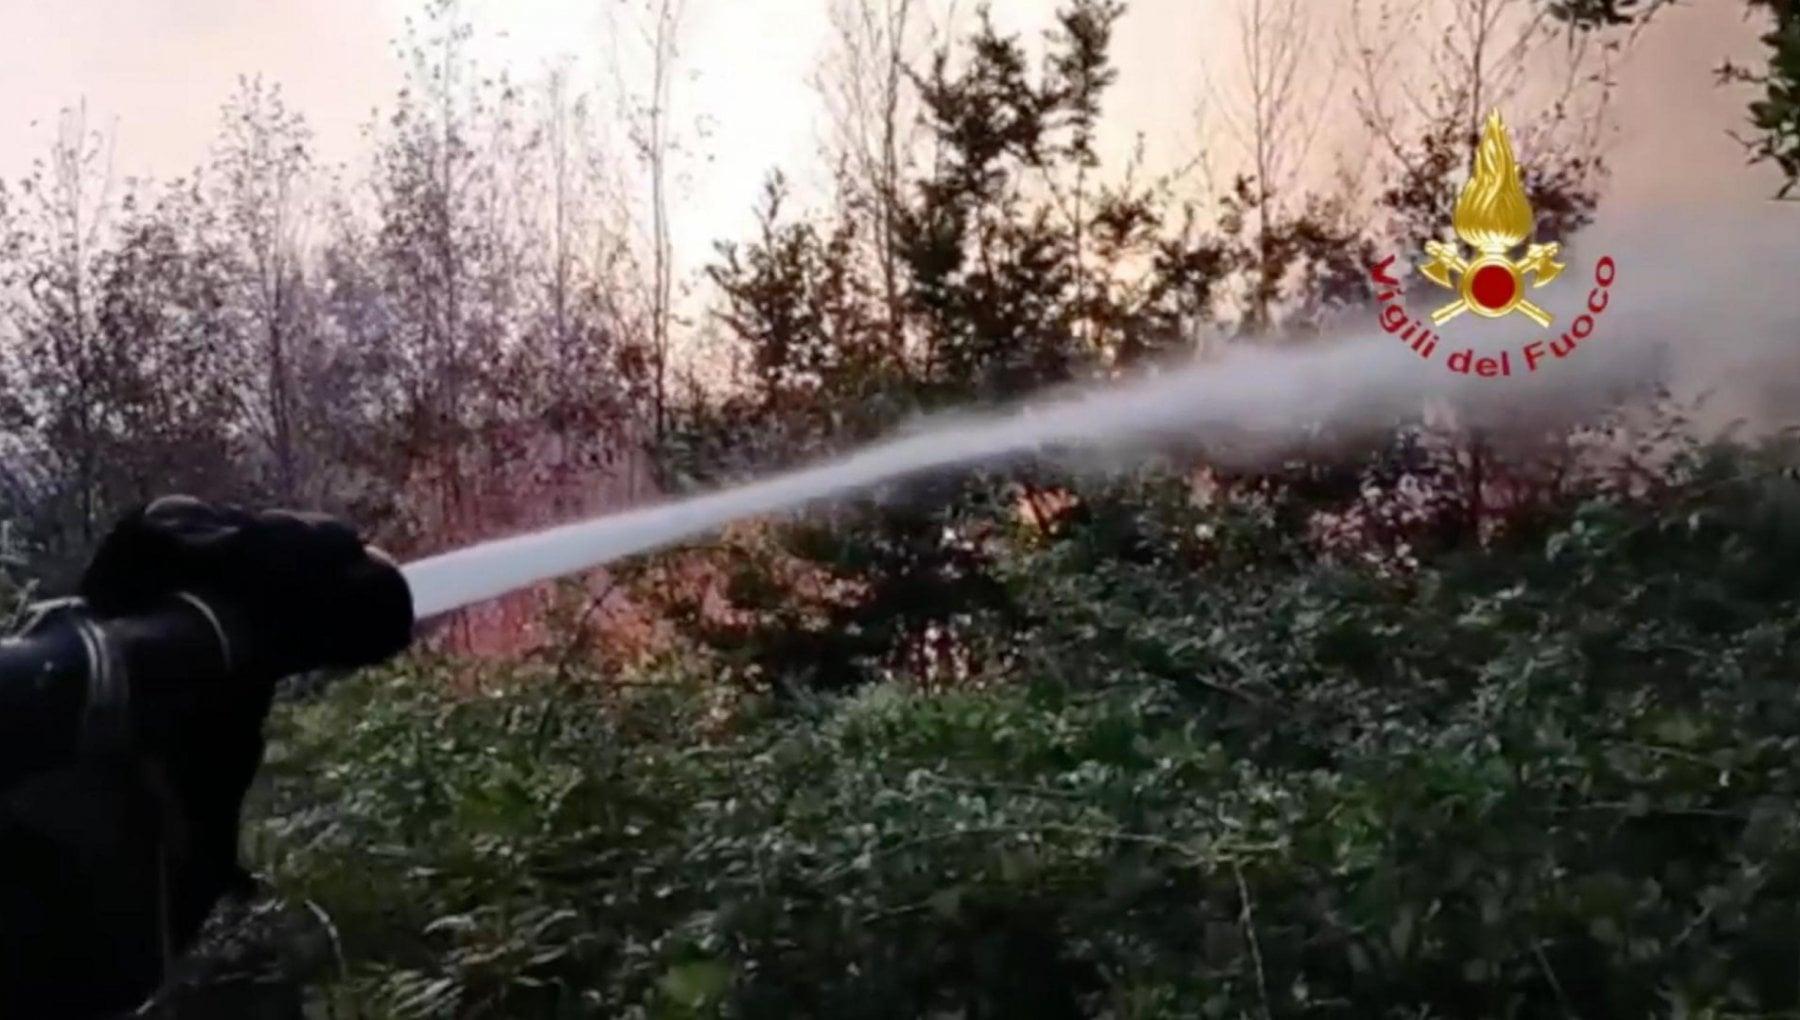 """133800902 364c72fe f566 4de4 8101 d0684381454a - Curcio: """"In arrivo il gran caldo, massima attenzione per gli incendi"""""""